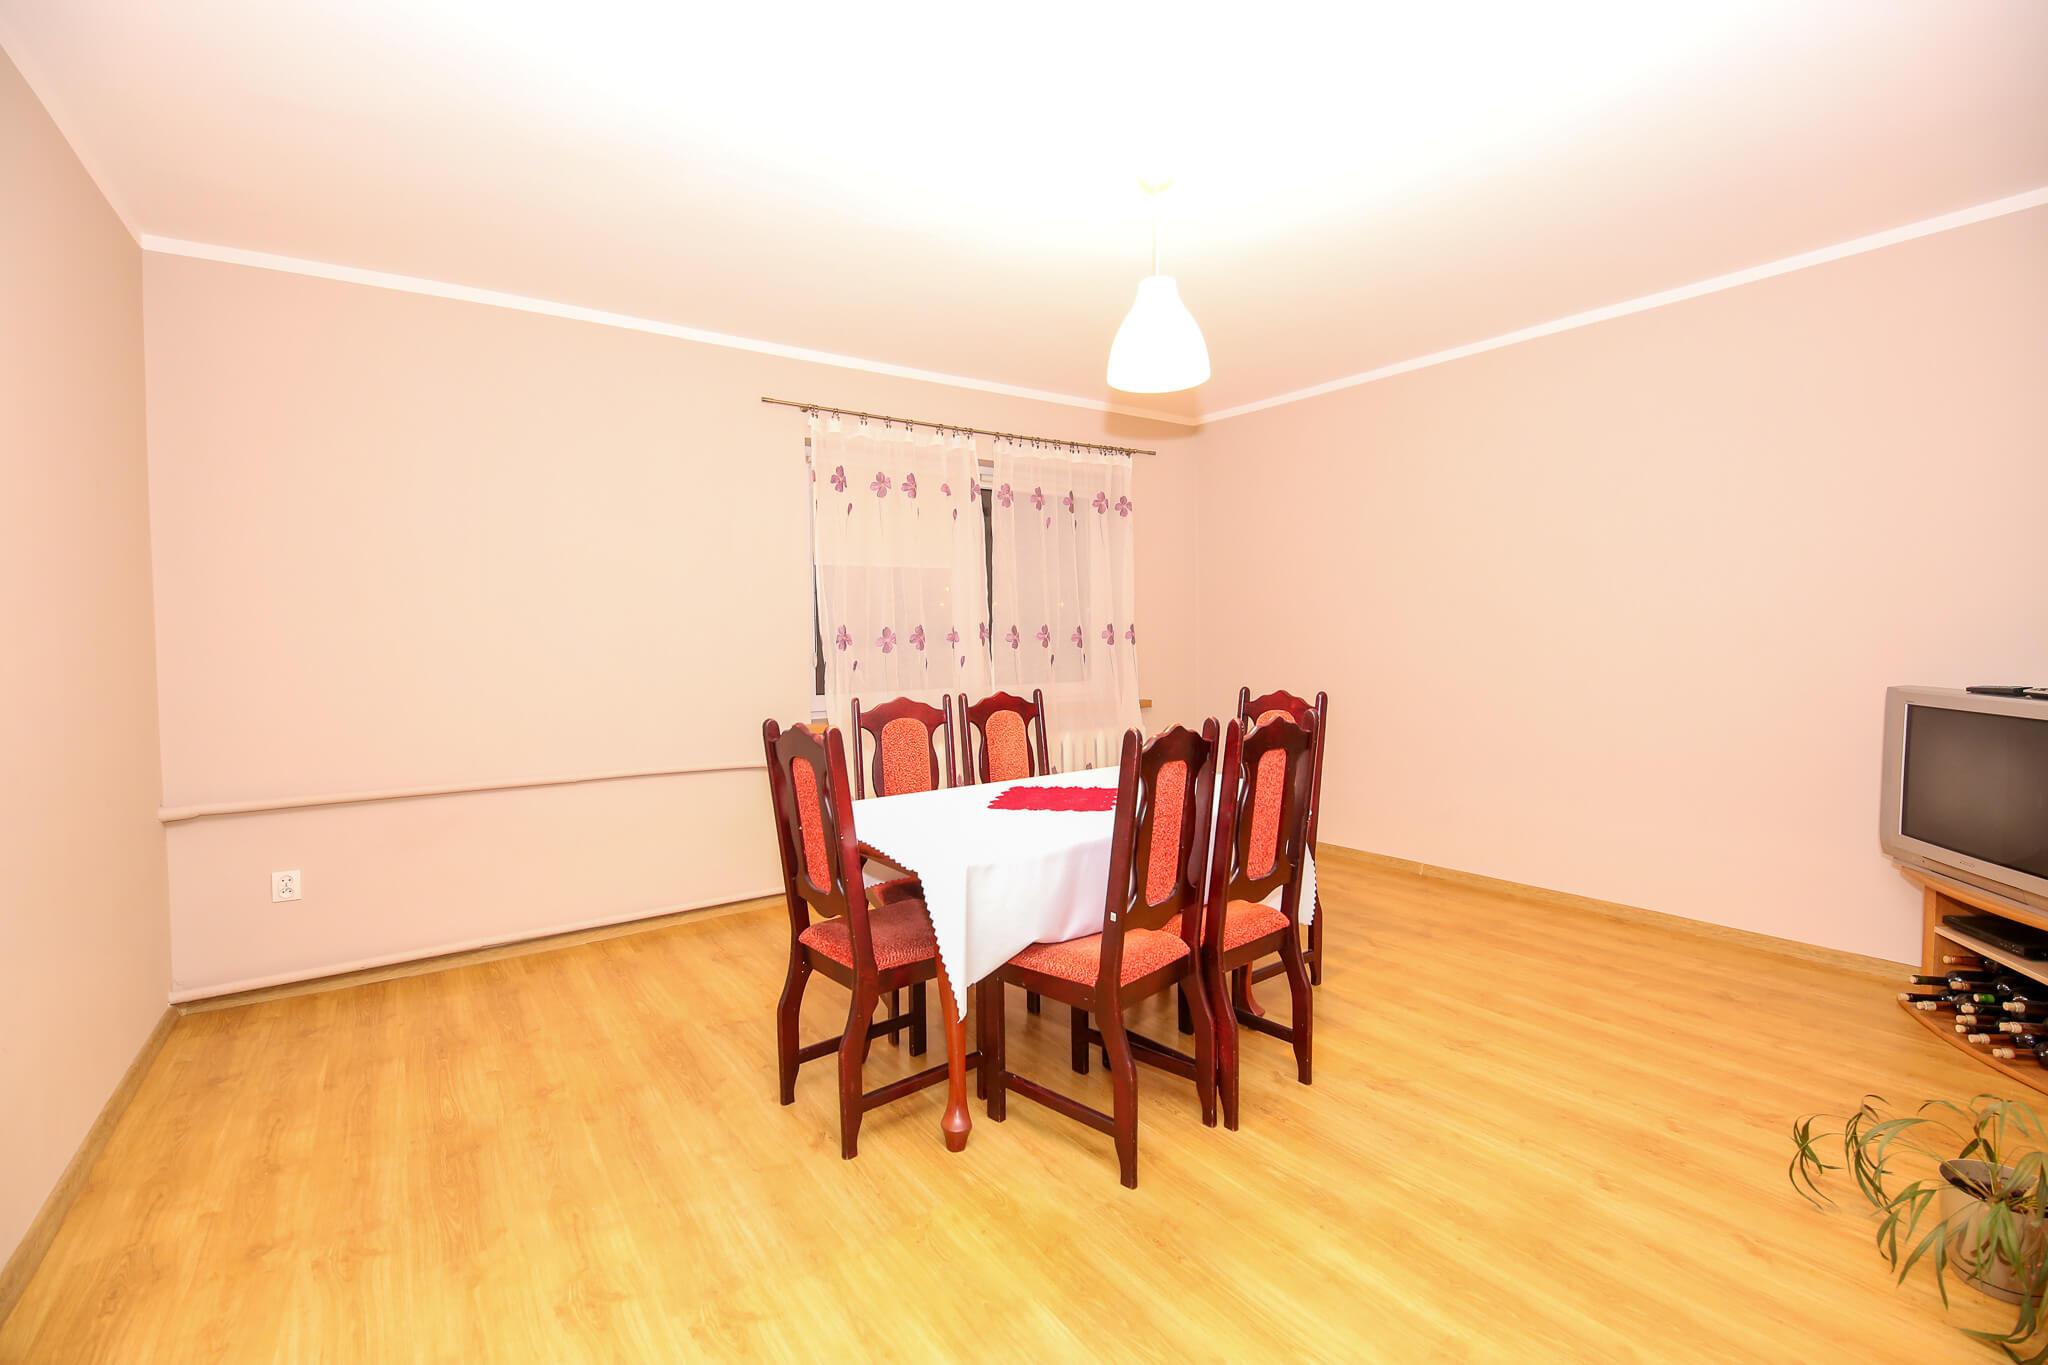 adne mieszkanie na sprzedaż w luboniu - Mieszkania w okolicy Poznania